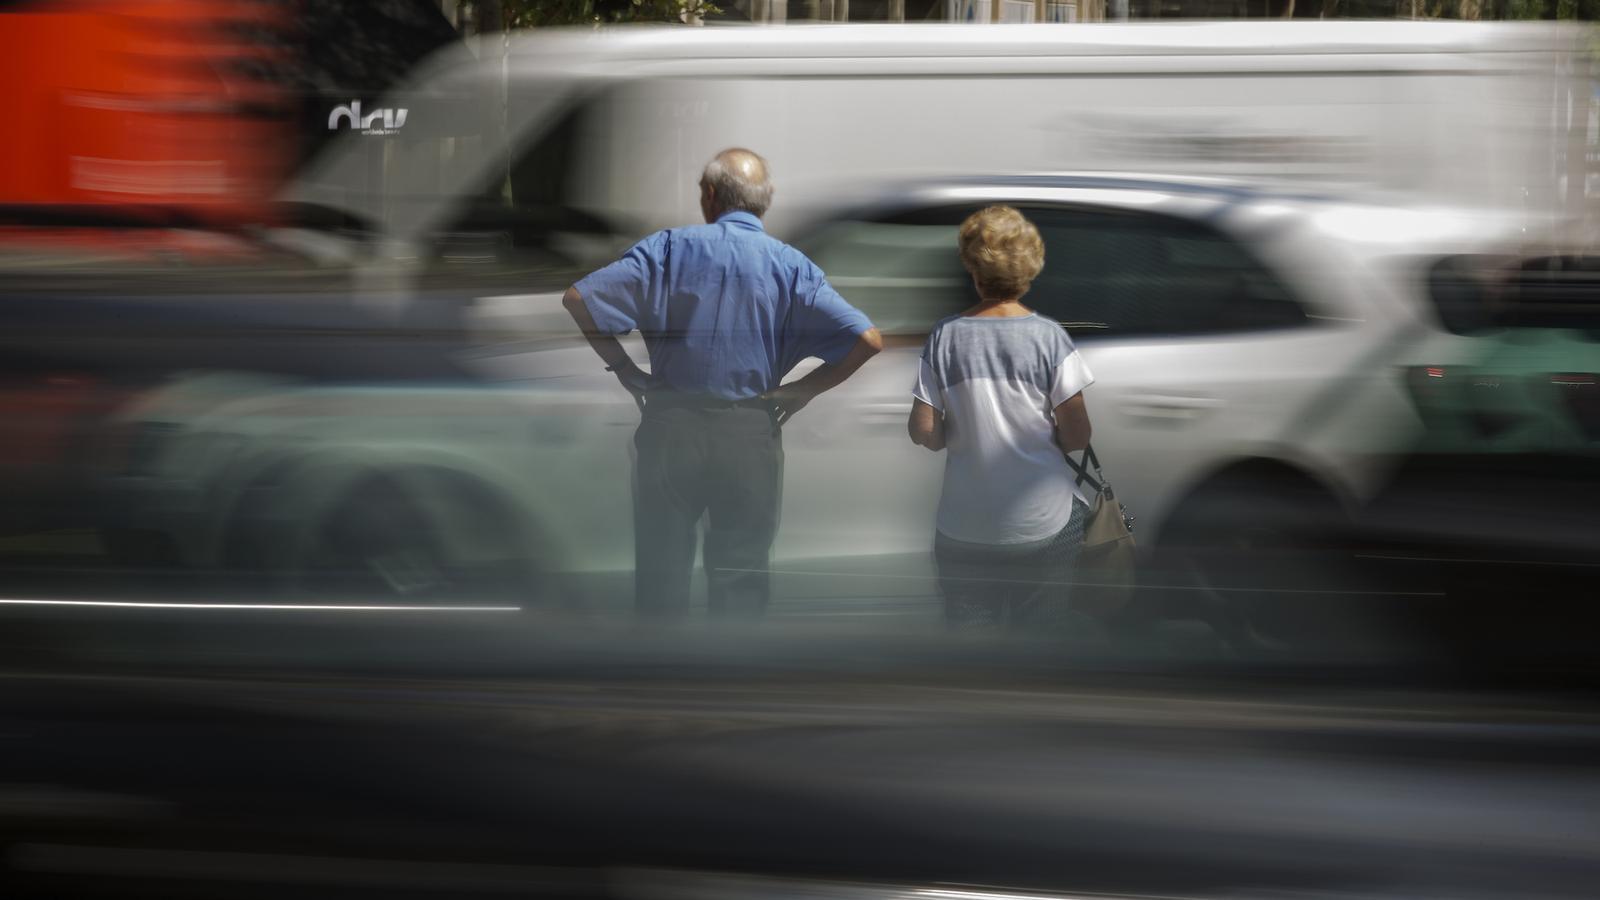 Quant contamina el teu cotxe? Escriu la matrícula i comprova-ho